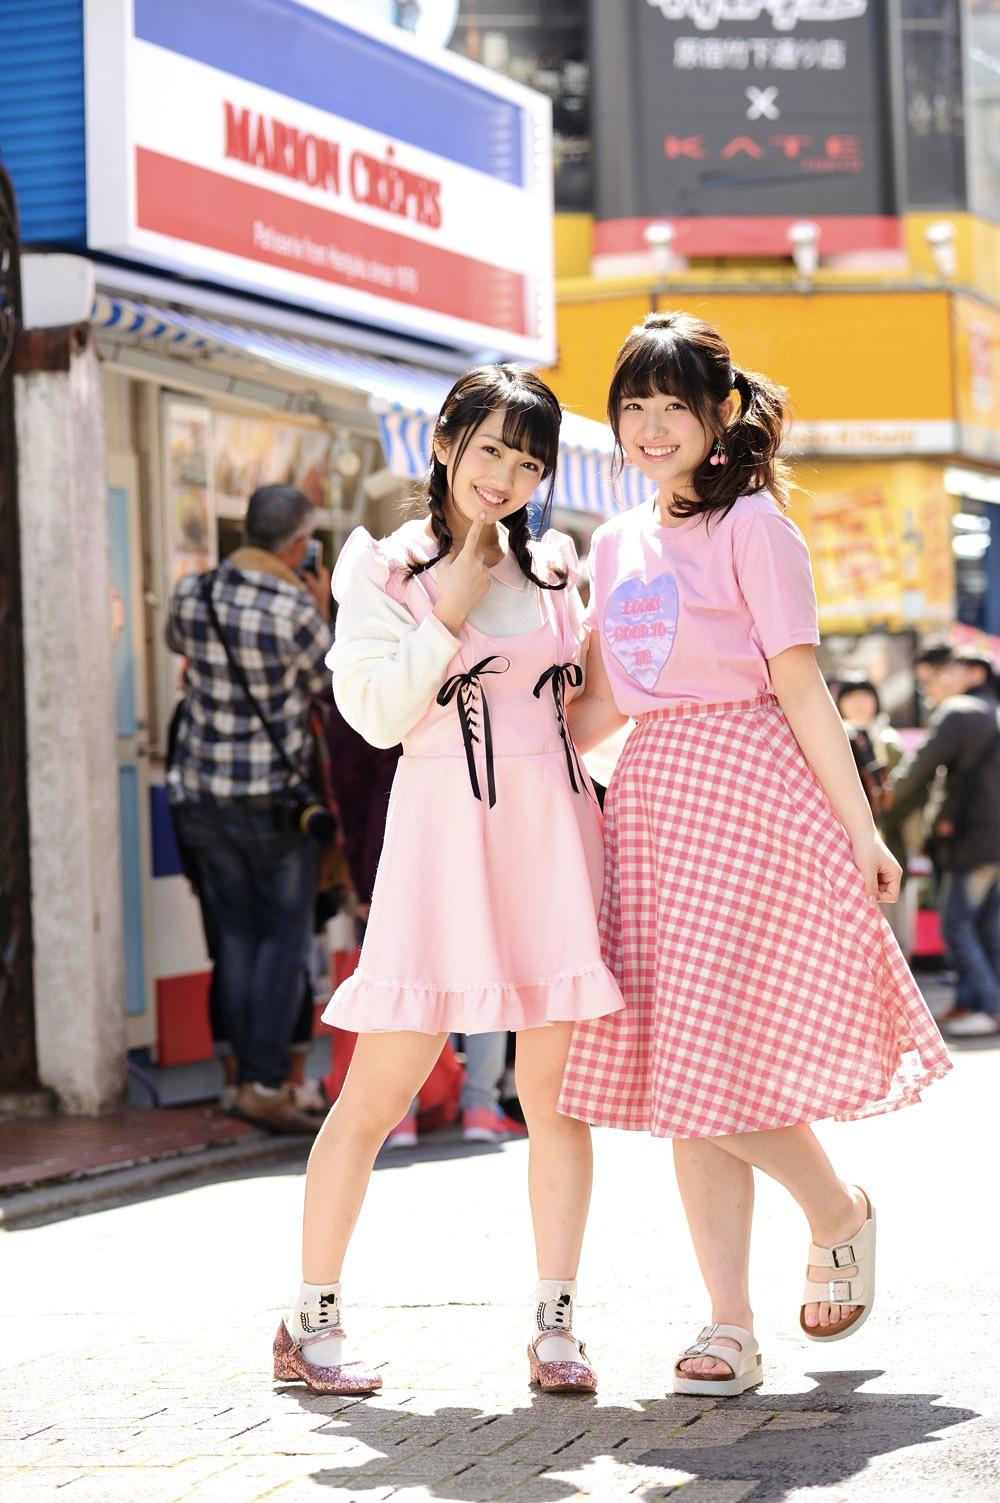 向井地美音(AKB48)大和田南那(AKB48)